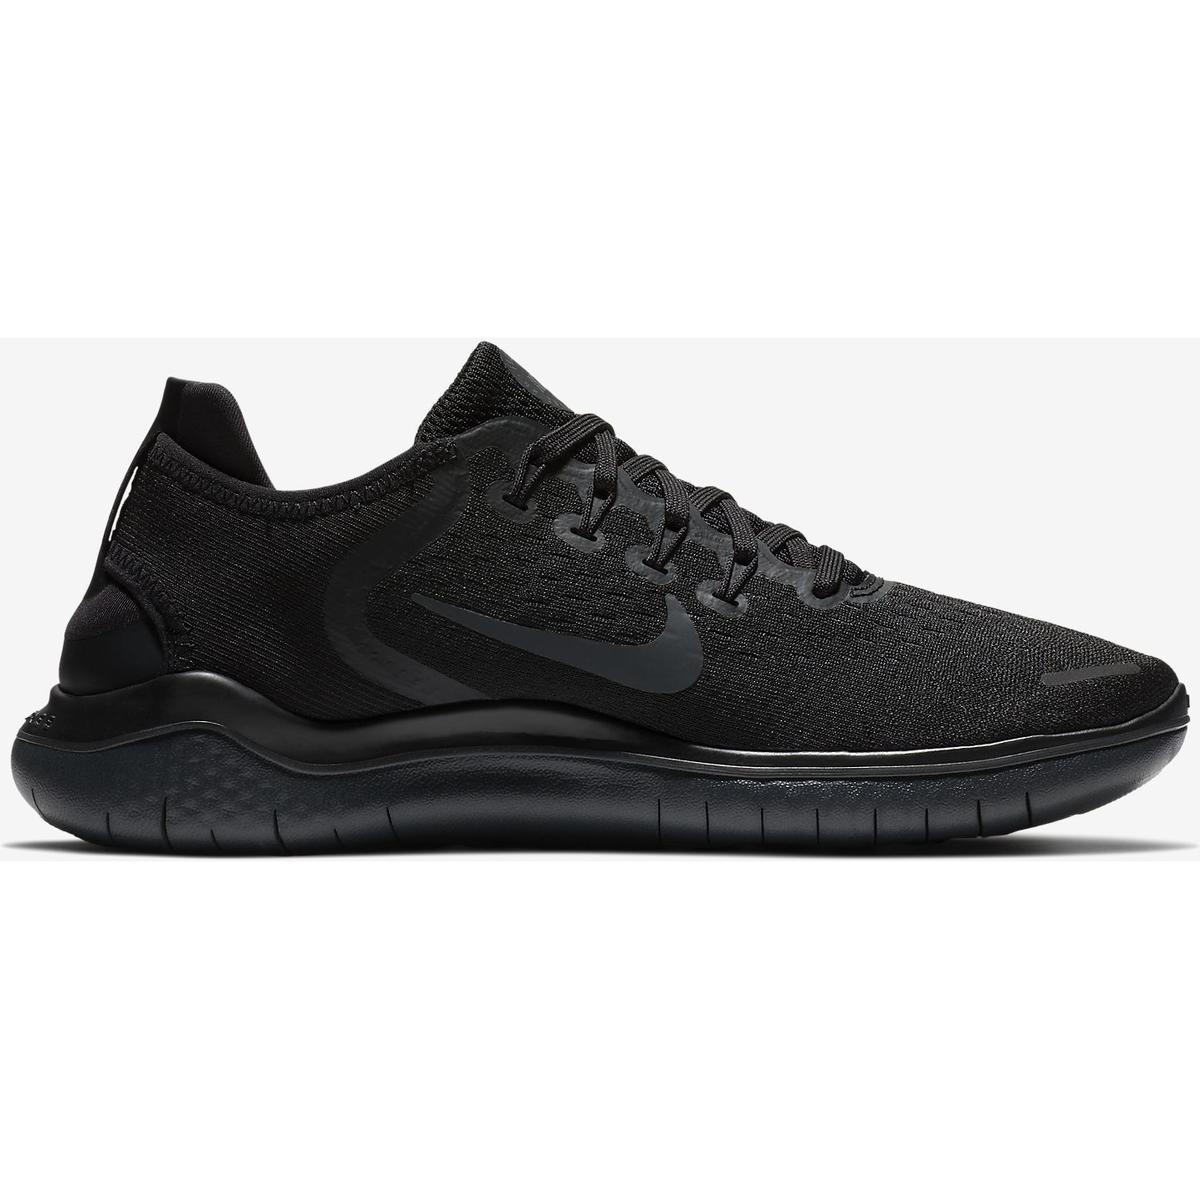 Køb Nike Nike Free Trainer Billigt Online, Gratis Fragt På